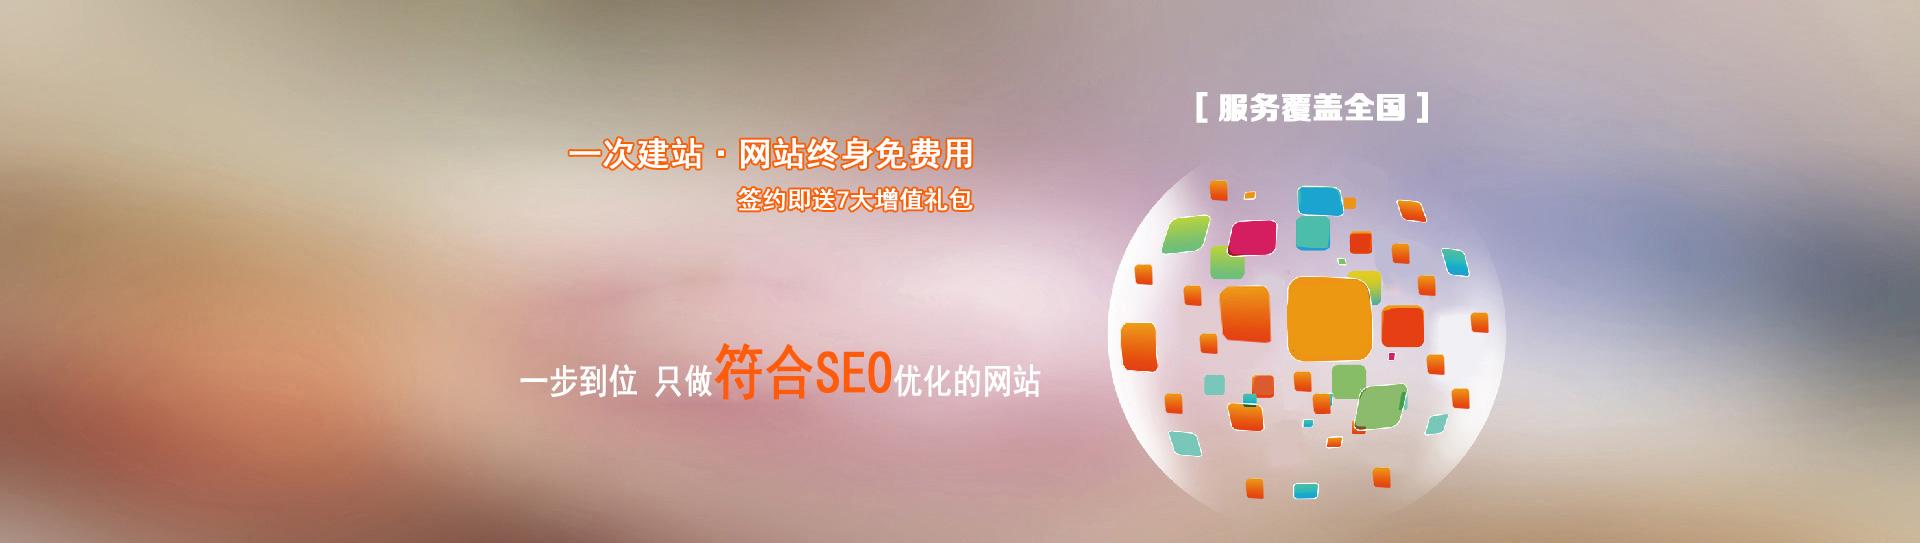 平谷做网站即送7项服务